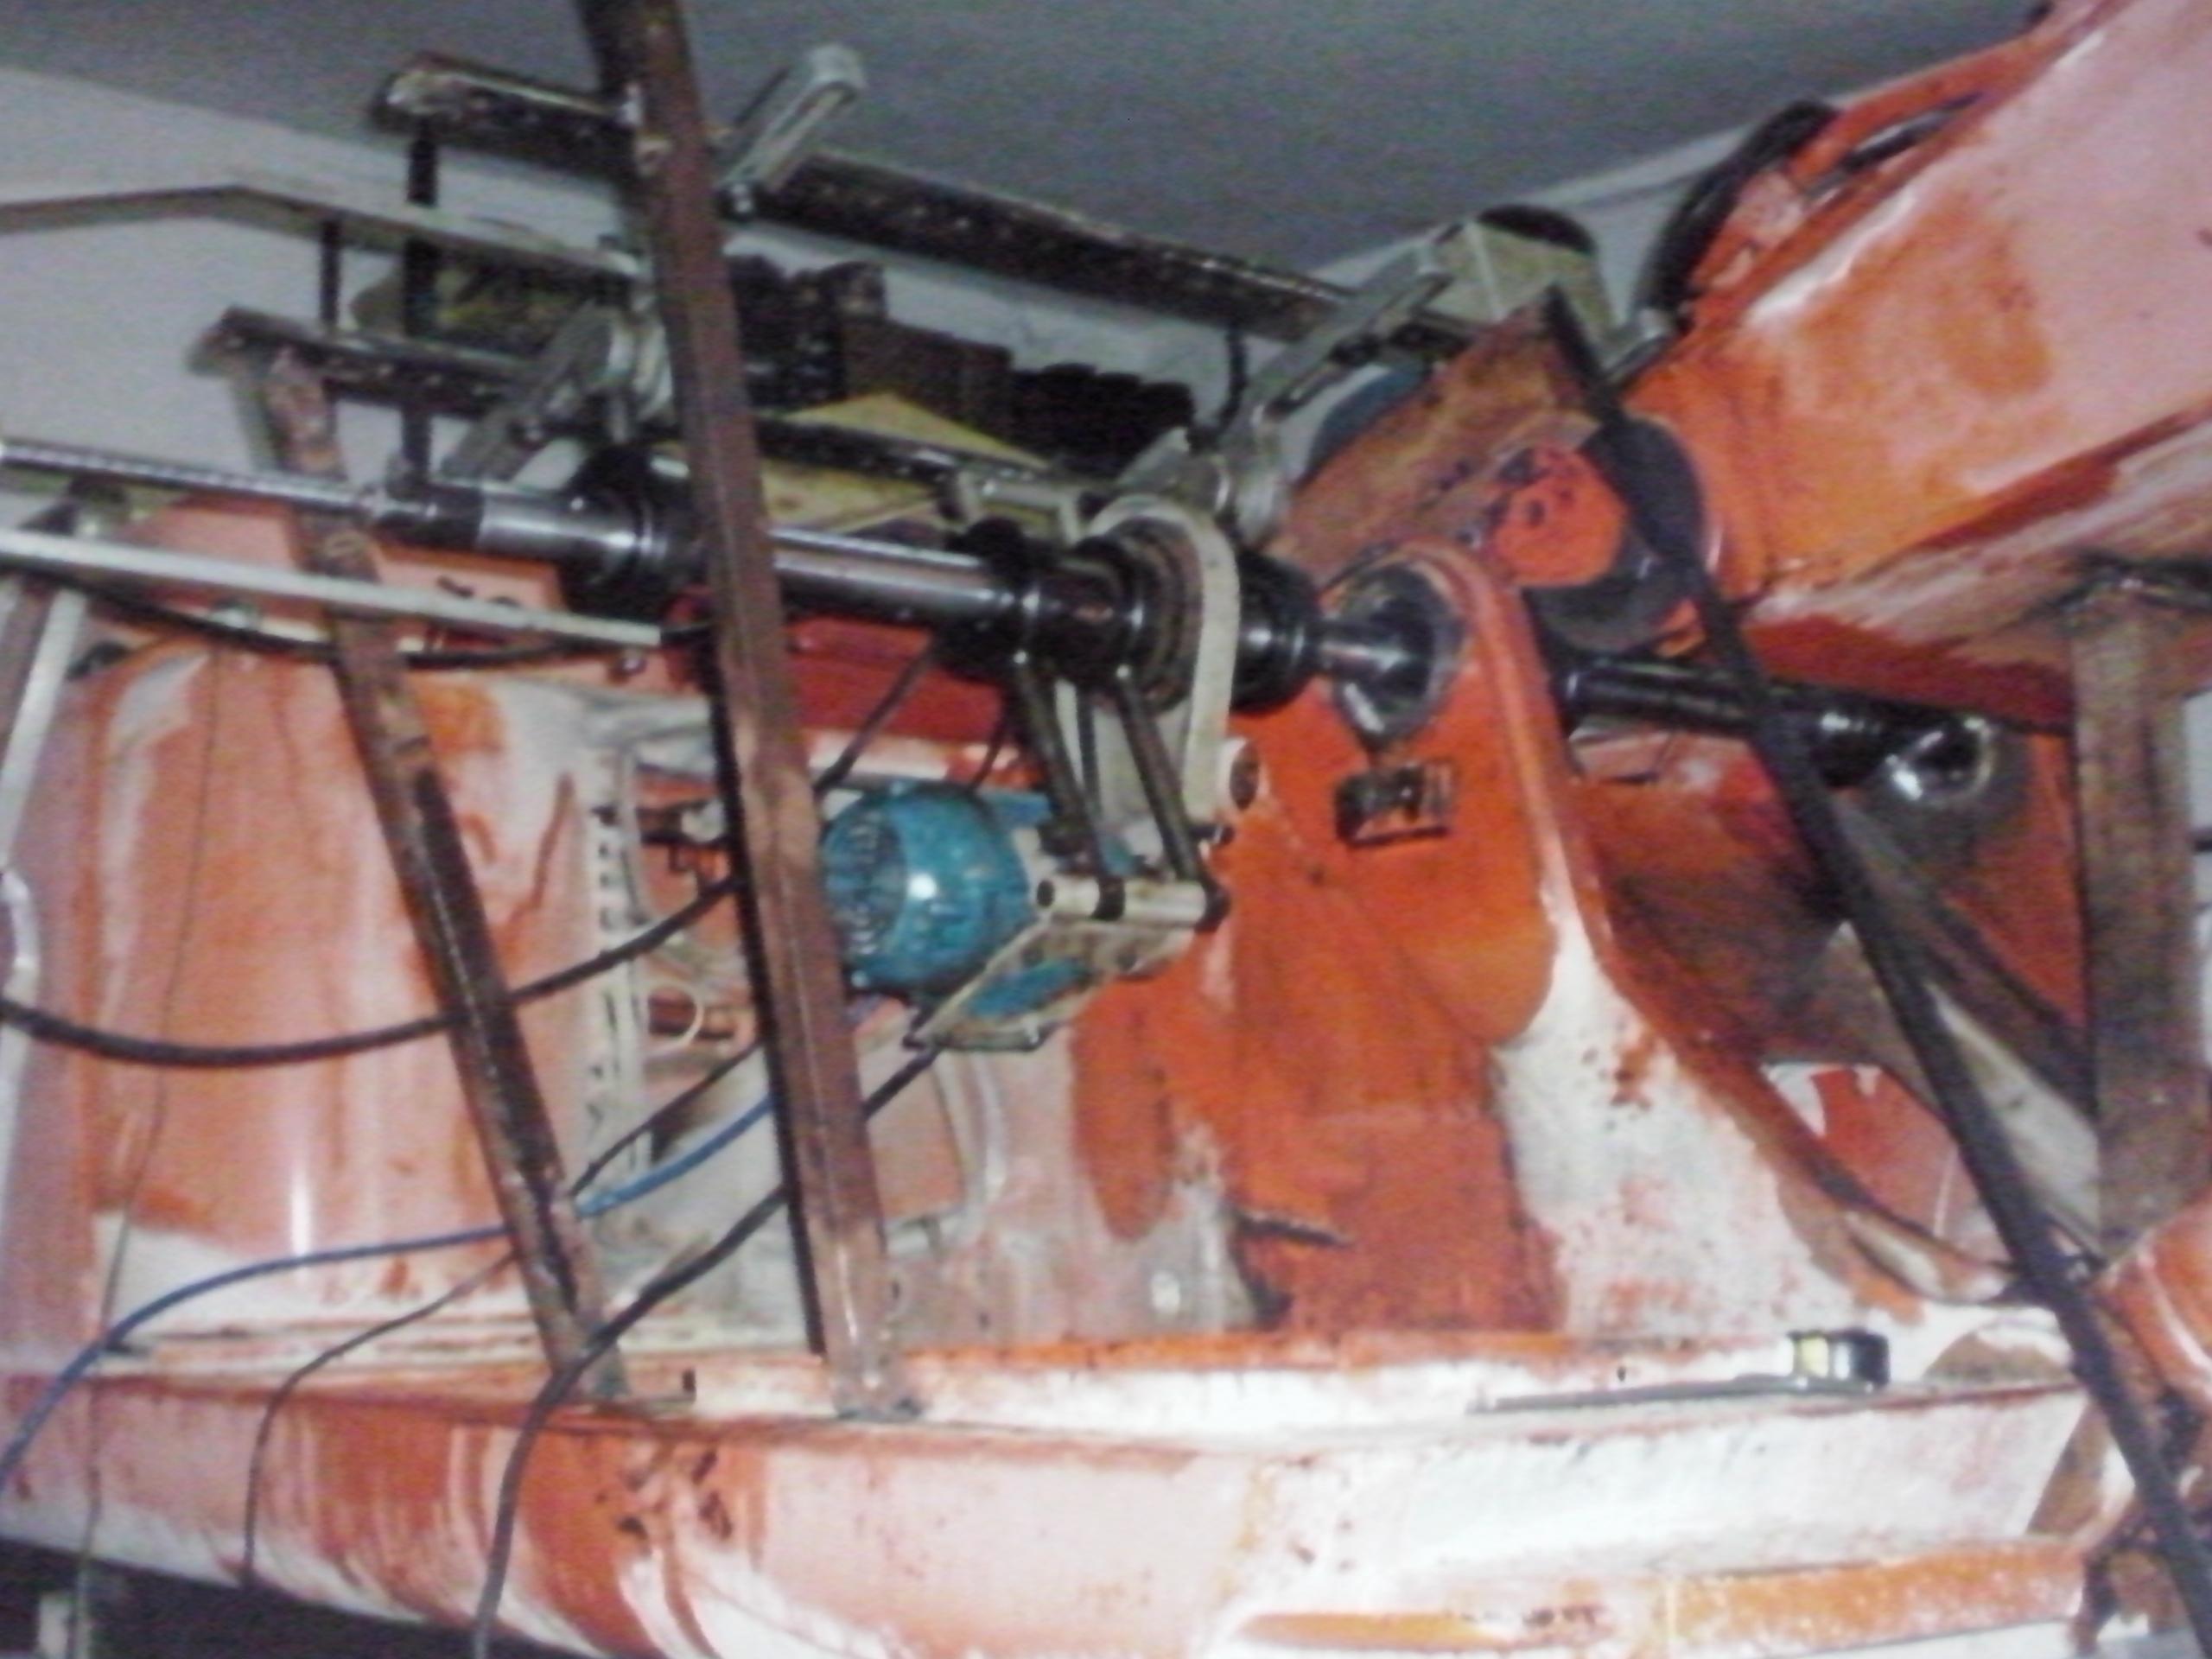 Orestein e koppel RH6.22.jpg alt